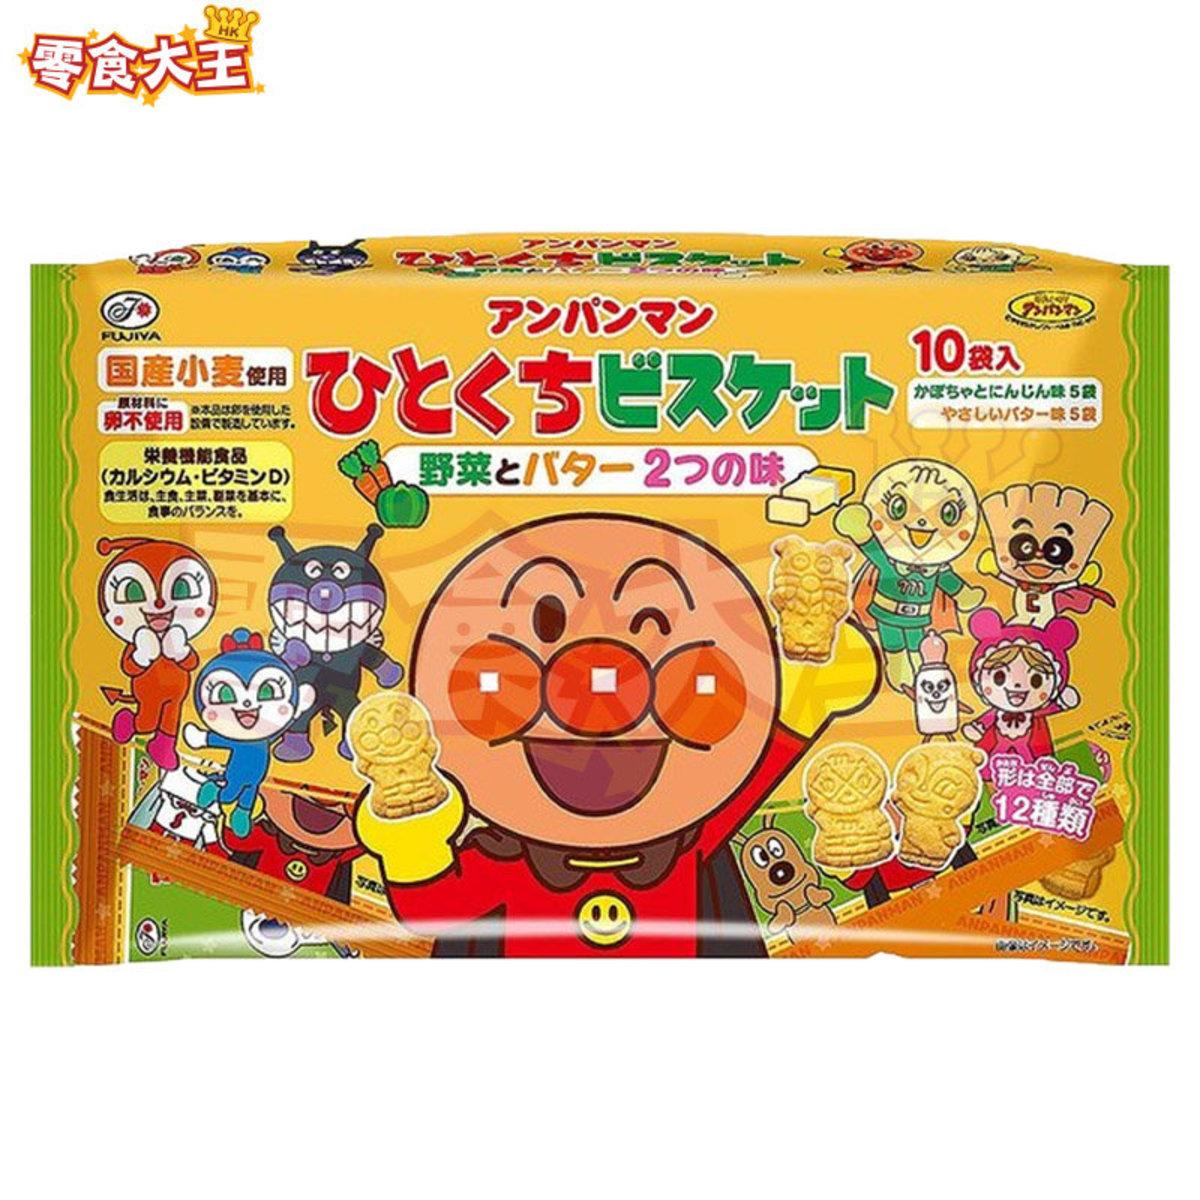 麵包超人野菜&牛油味餅乾 (各5包) 135g (4902555175560)